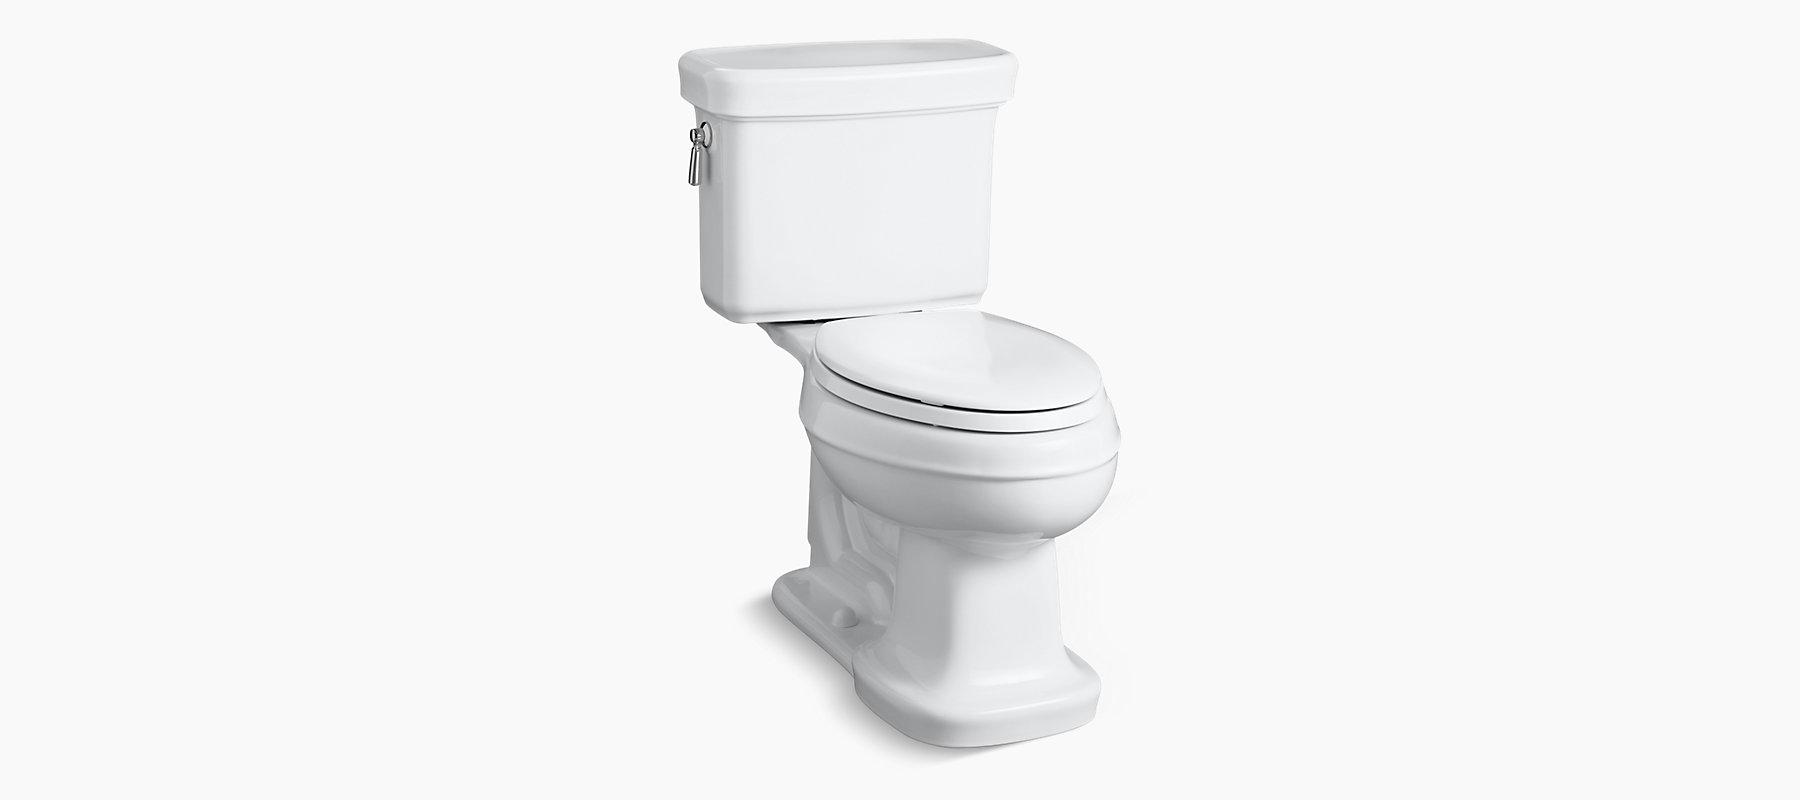 KOHLER|K-3827|Bancroft Comfort Height Elongated 1.28-GPF Toilet | KOHLER